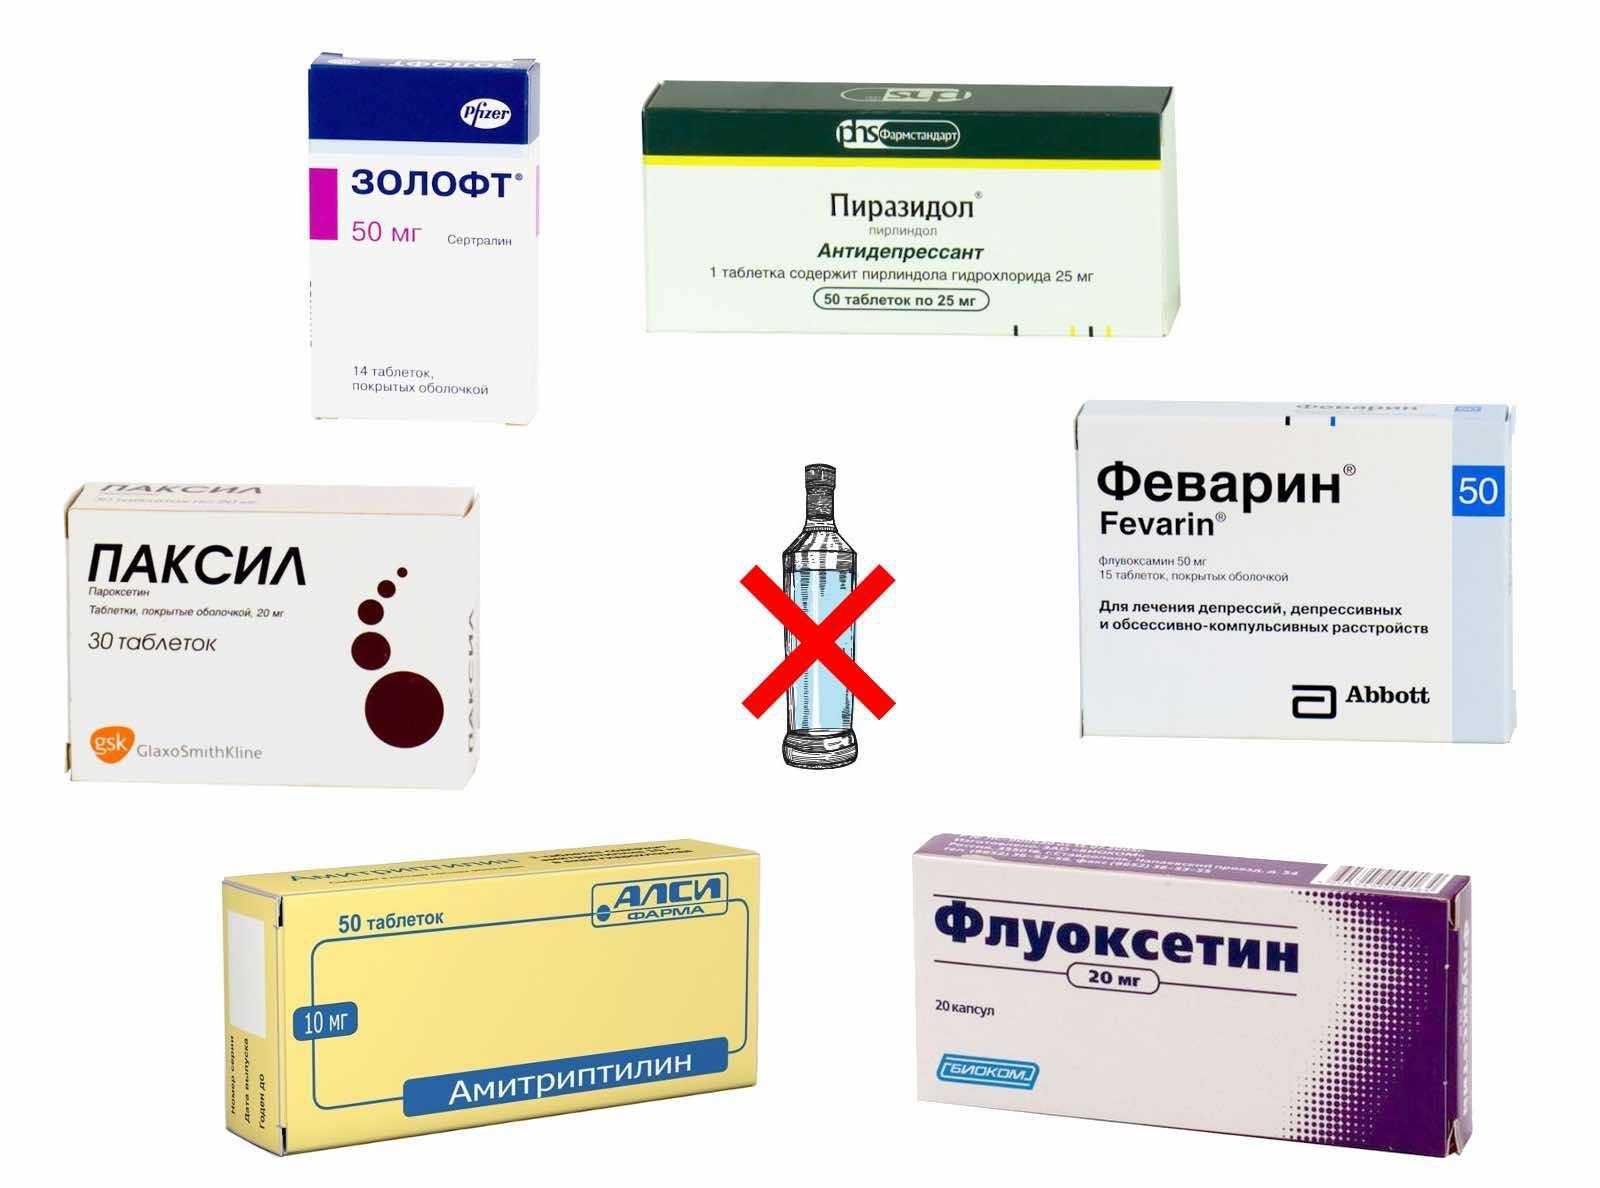 Ольга 58 эндогенная депрессия : форум доктора горбатова - отзывы, симптомы, лечение: 269119427